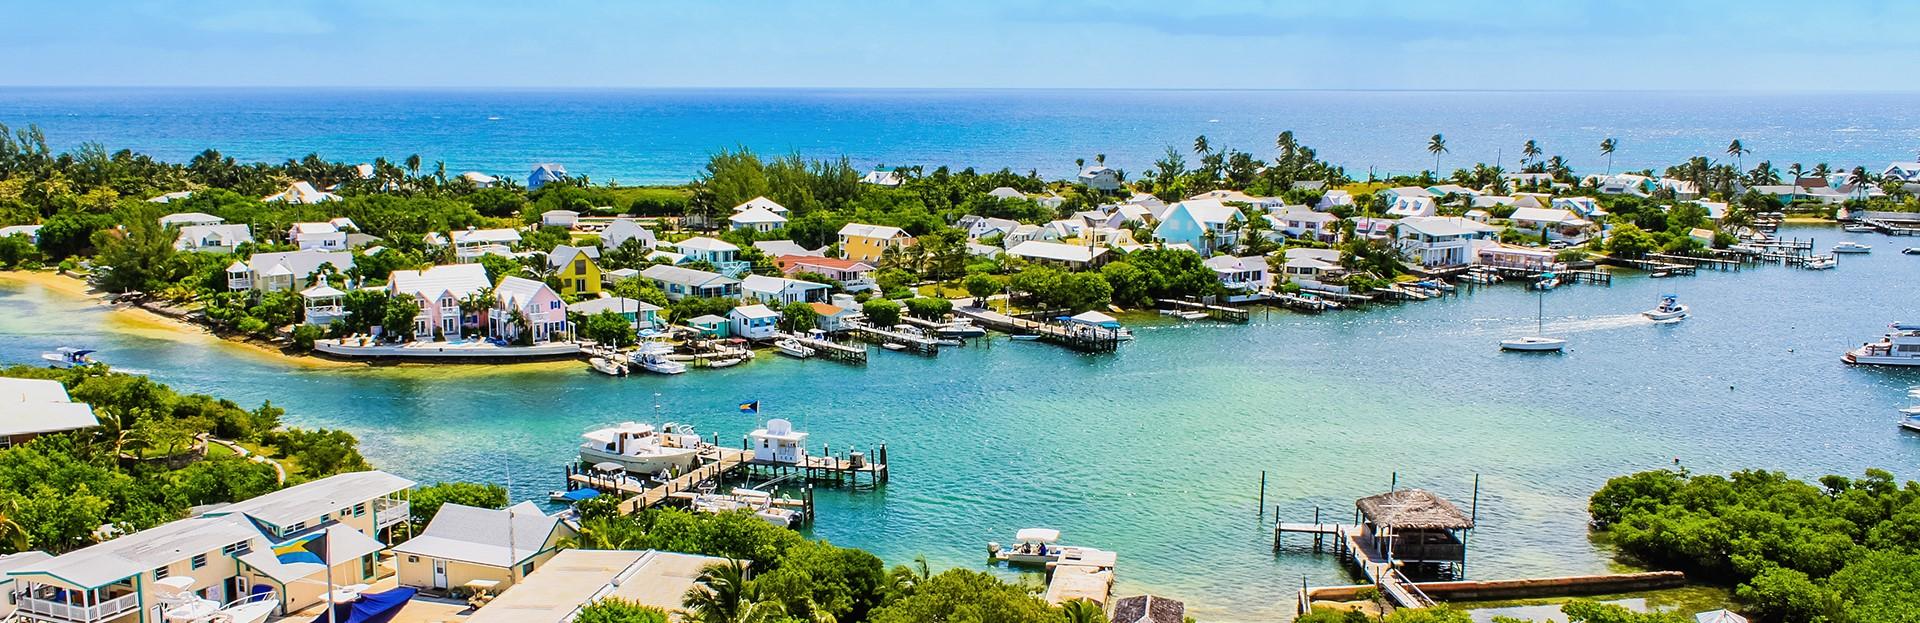 Nassau nassau nassau skyline nassau bahamas